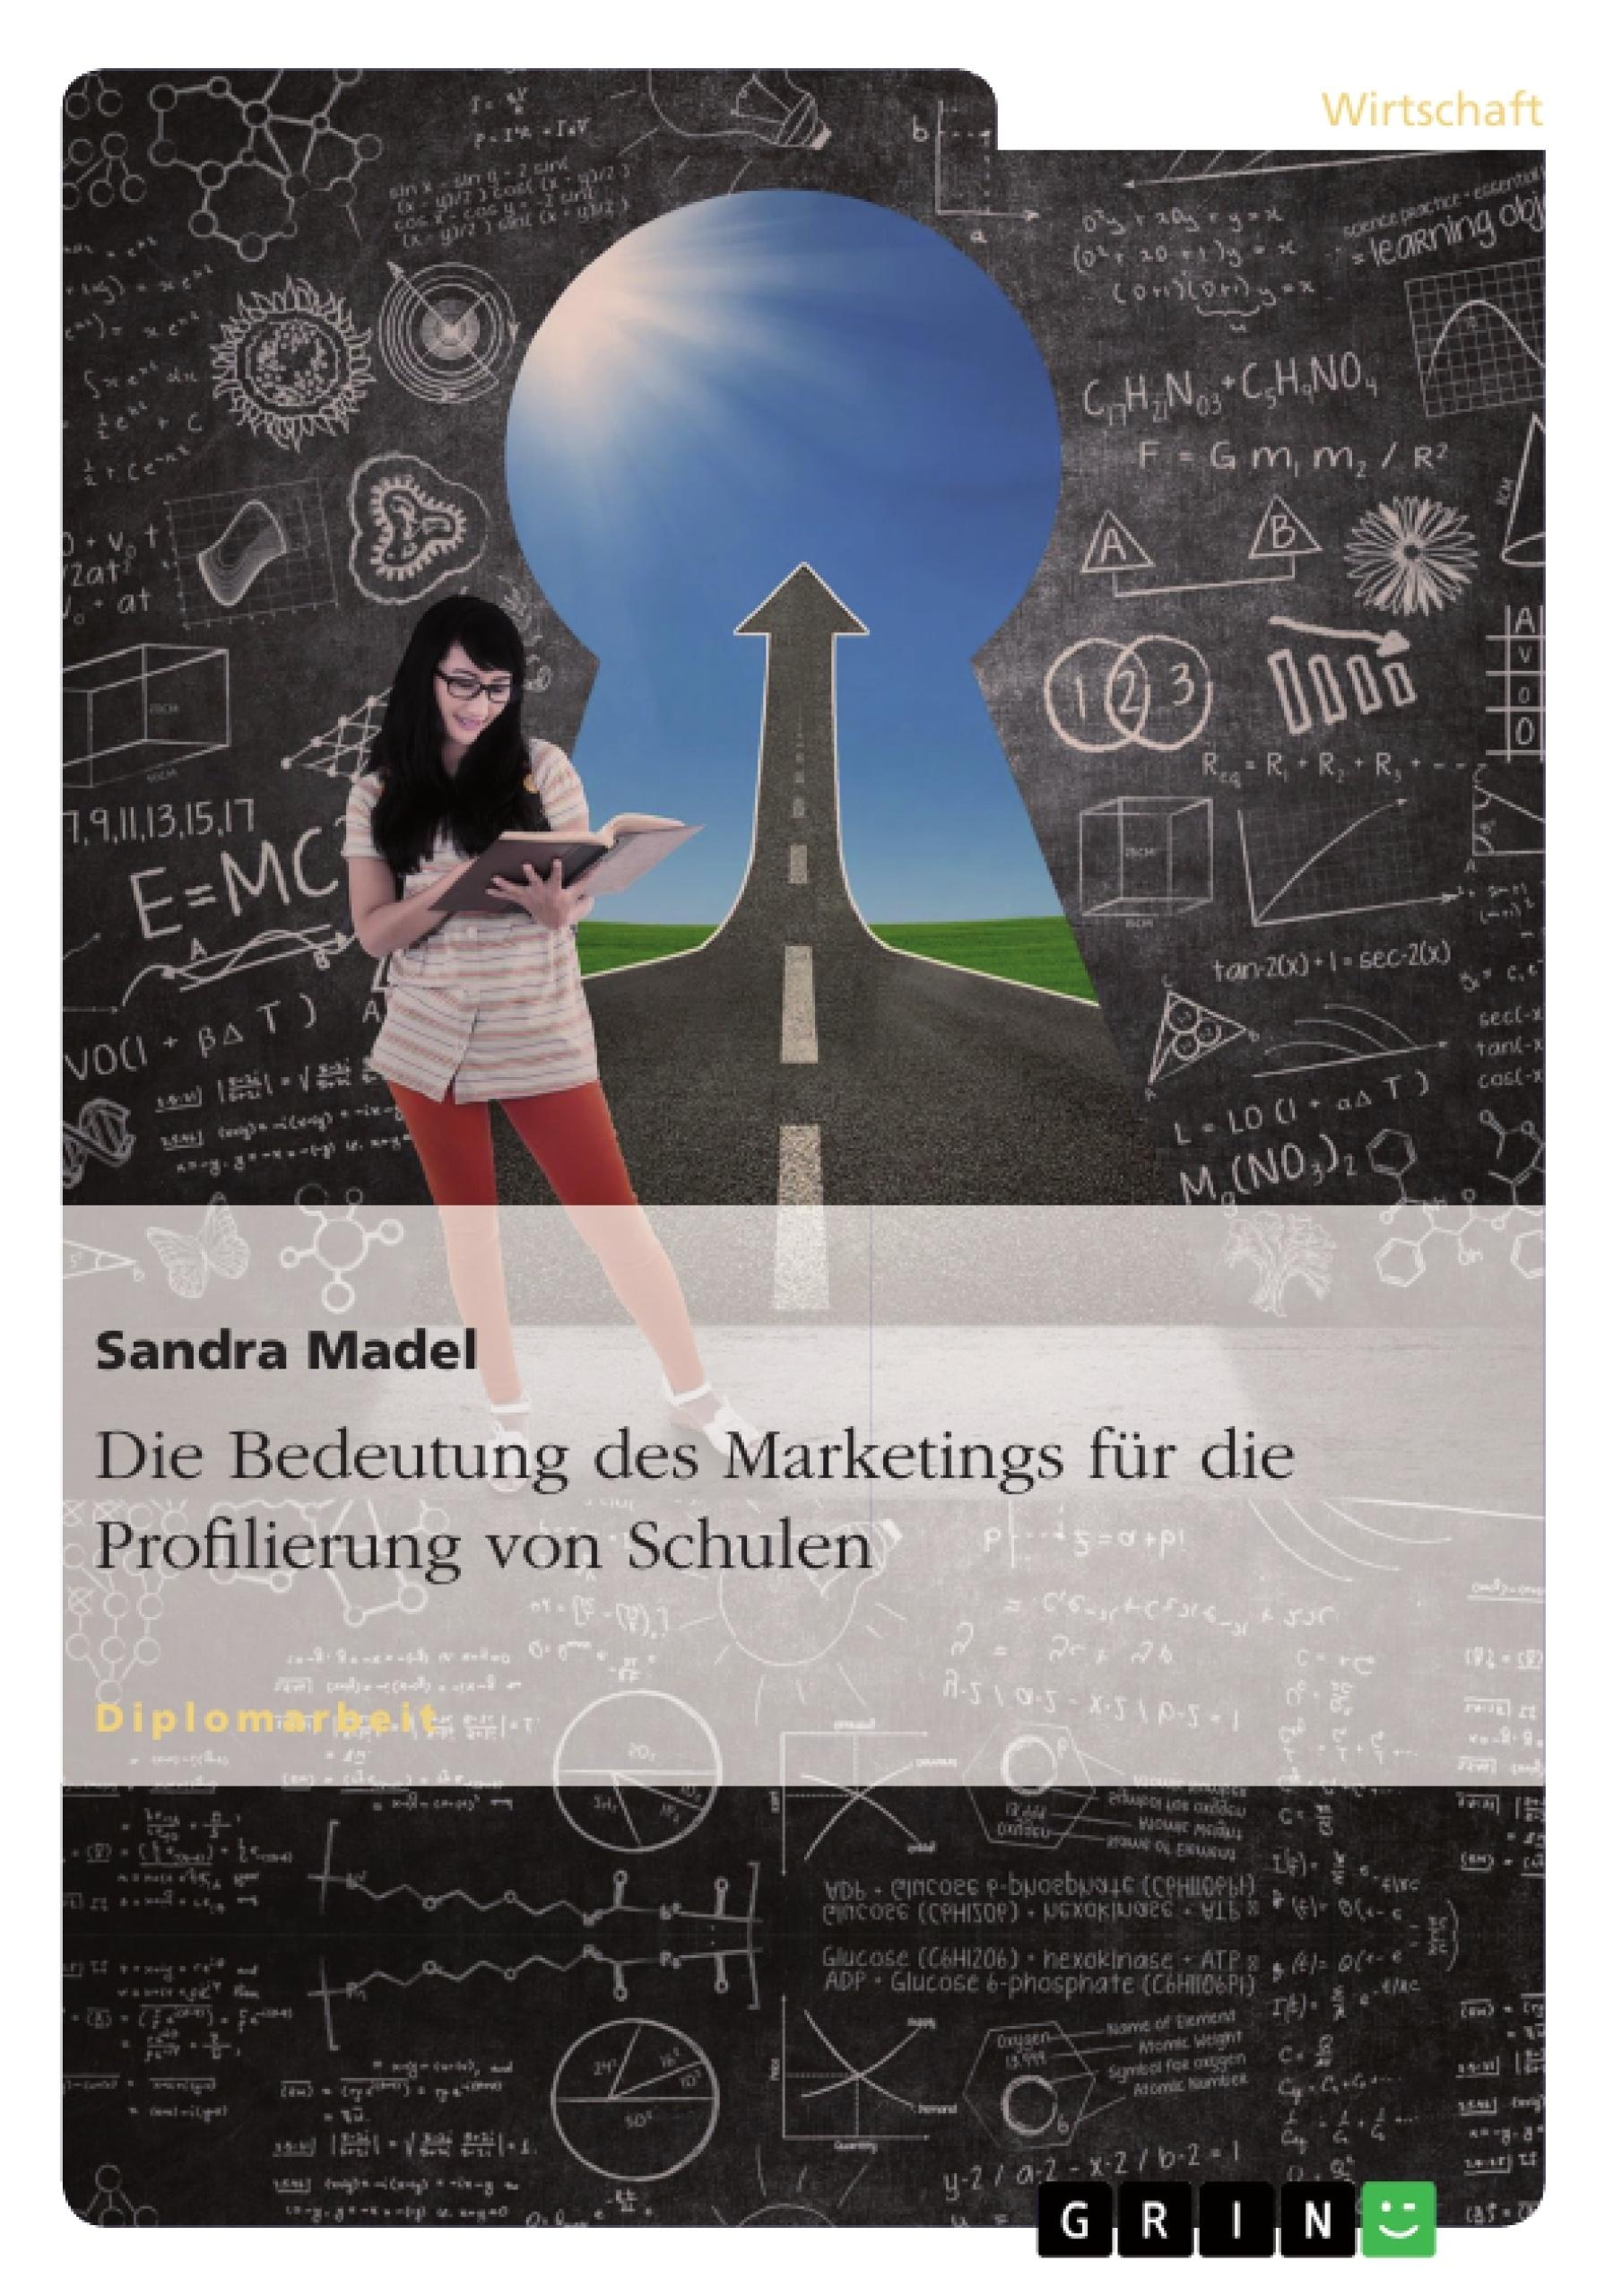 Titel: Die Bedeutung des Marketings für die Profilierung von Schulen